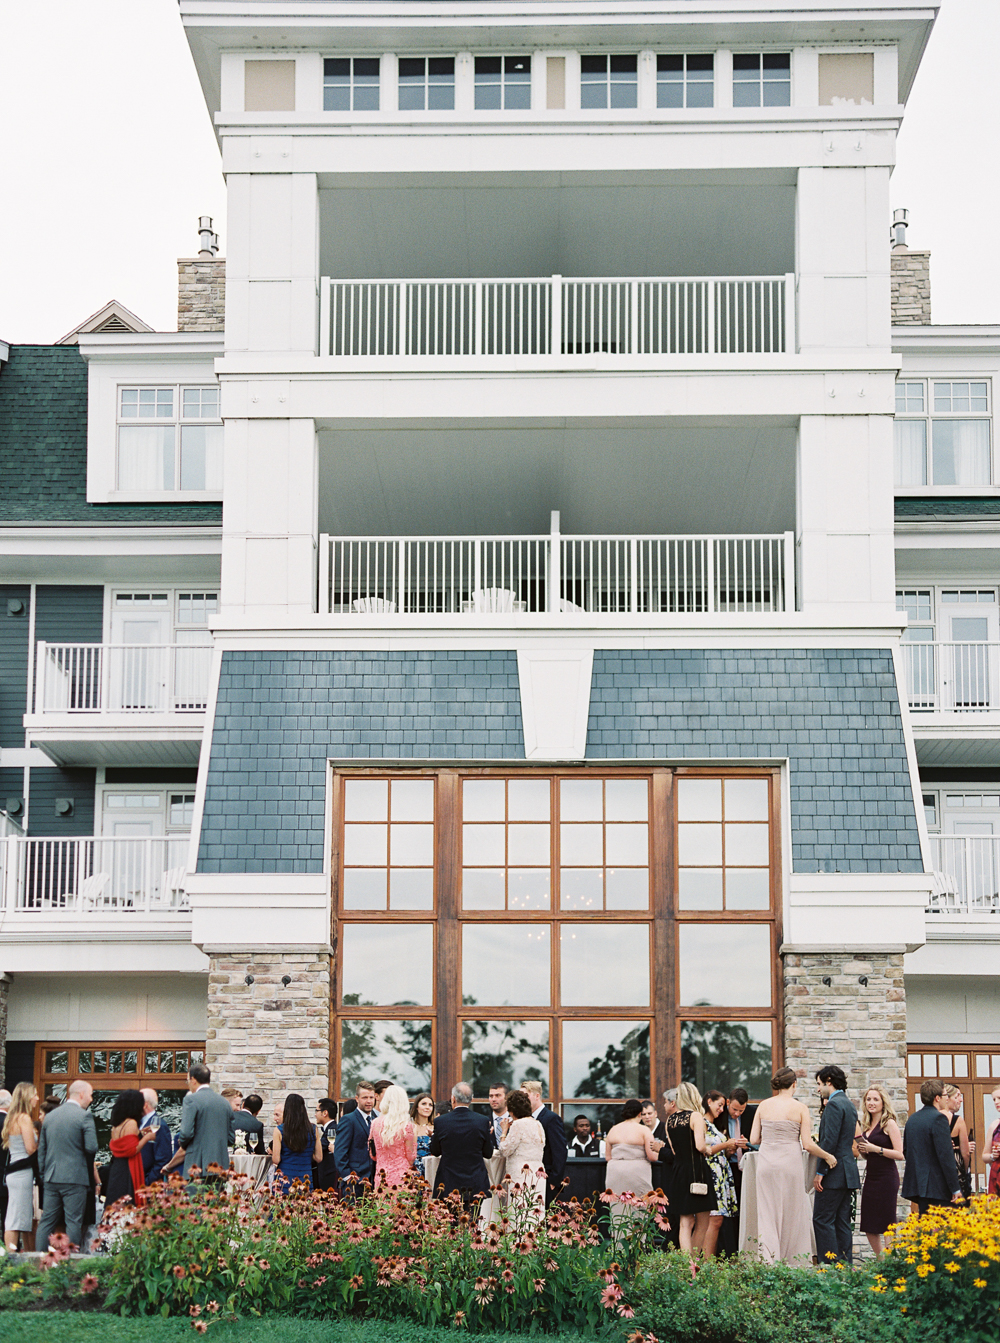 0049-When-He-Found-Her-Muskoka-JW Marriott-The Rosseau-shea-events-sweet-woodruff-canadian-resort-wedding.jpg